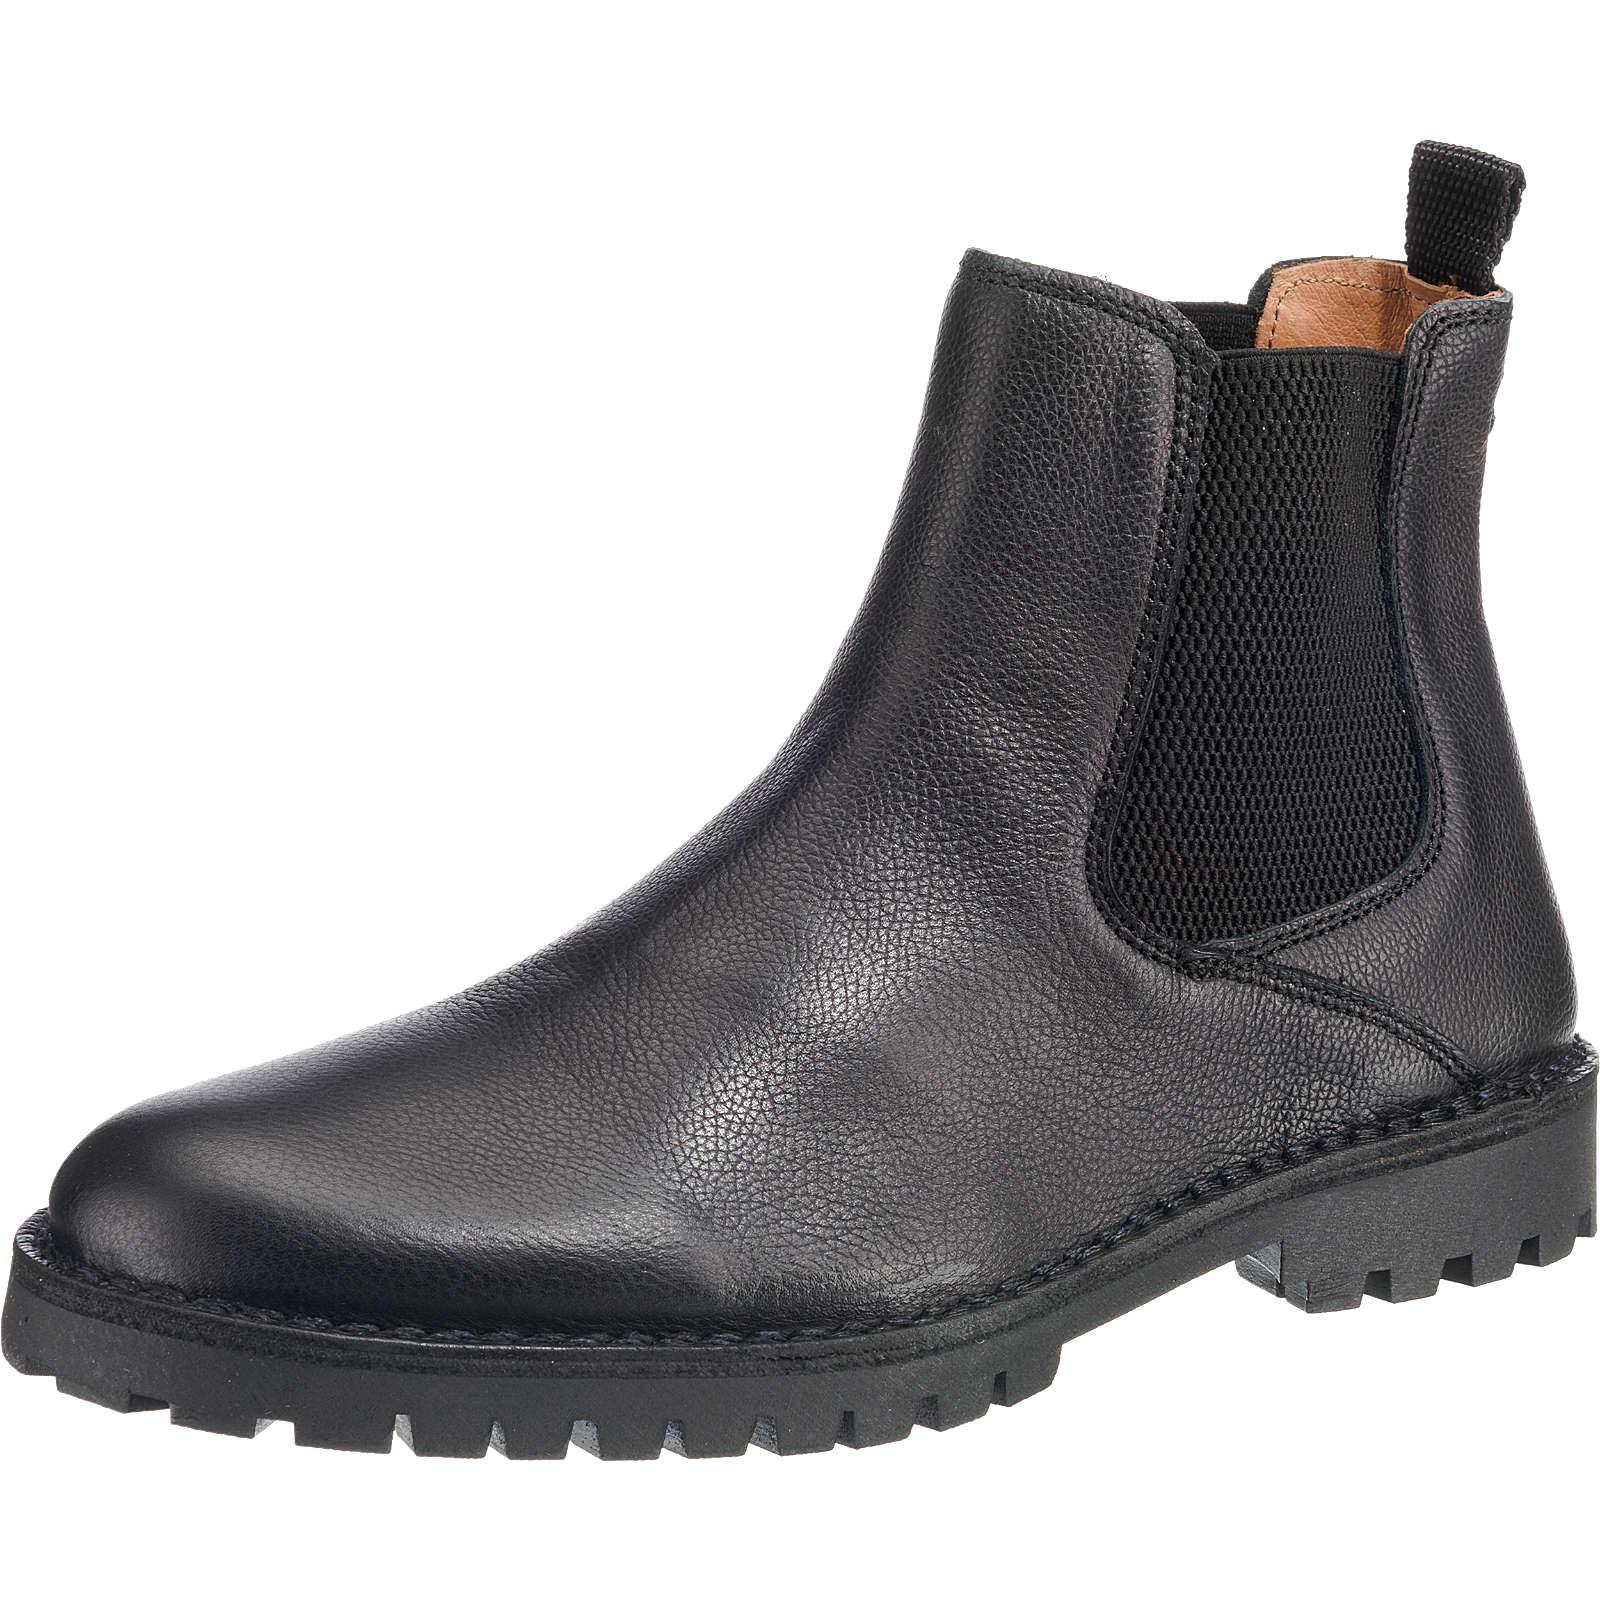 SELECTED HOMME Chelsea Boots schwarz Herren Gr. 40